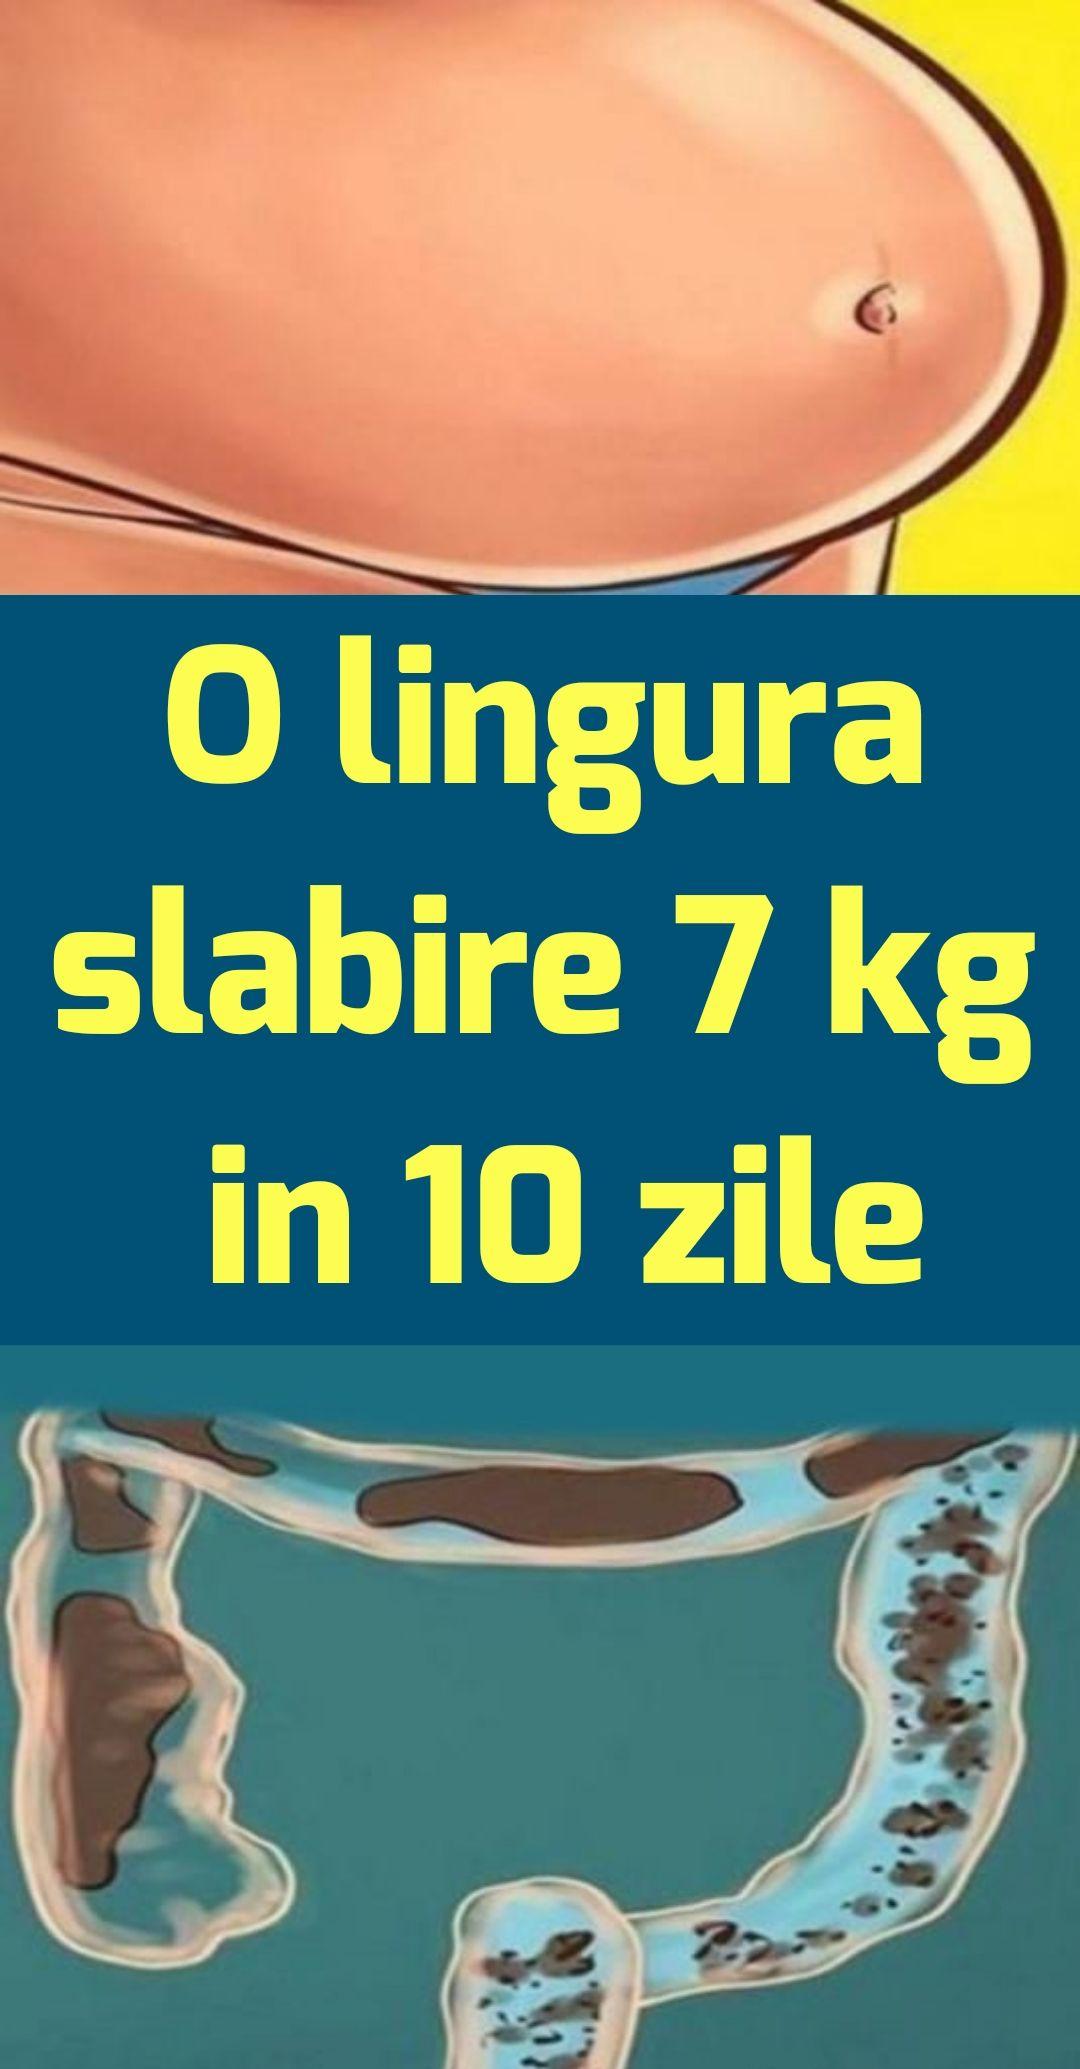 cea mai bună pierdere în greutate pentru obezitatea morbidă)